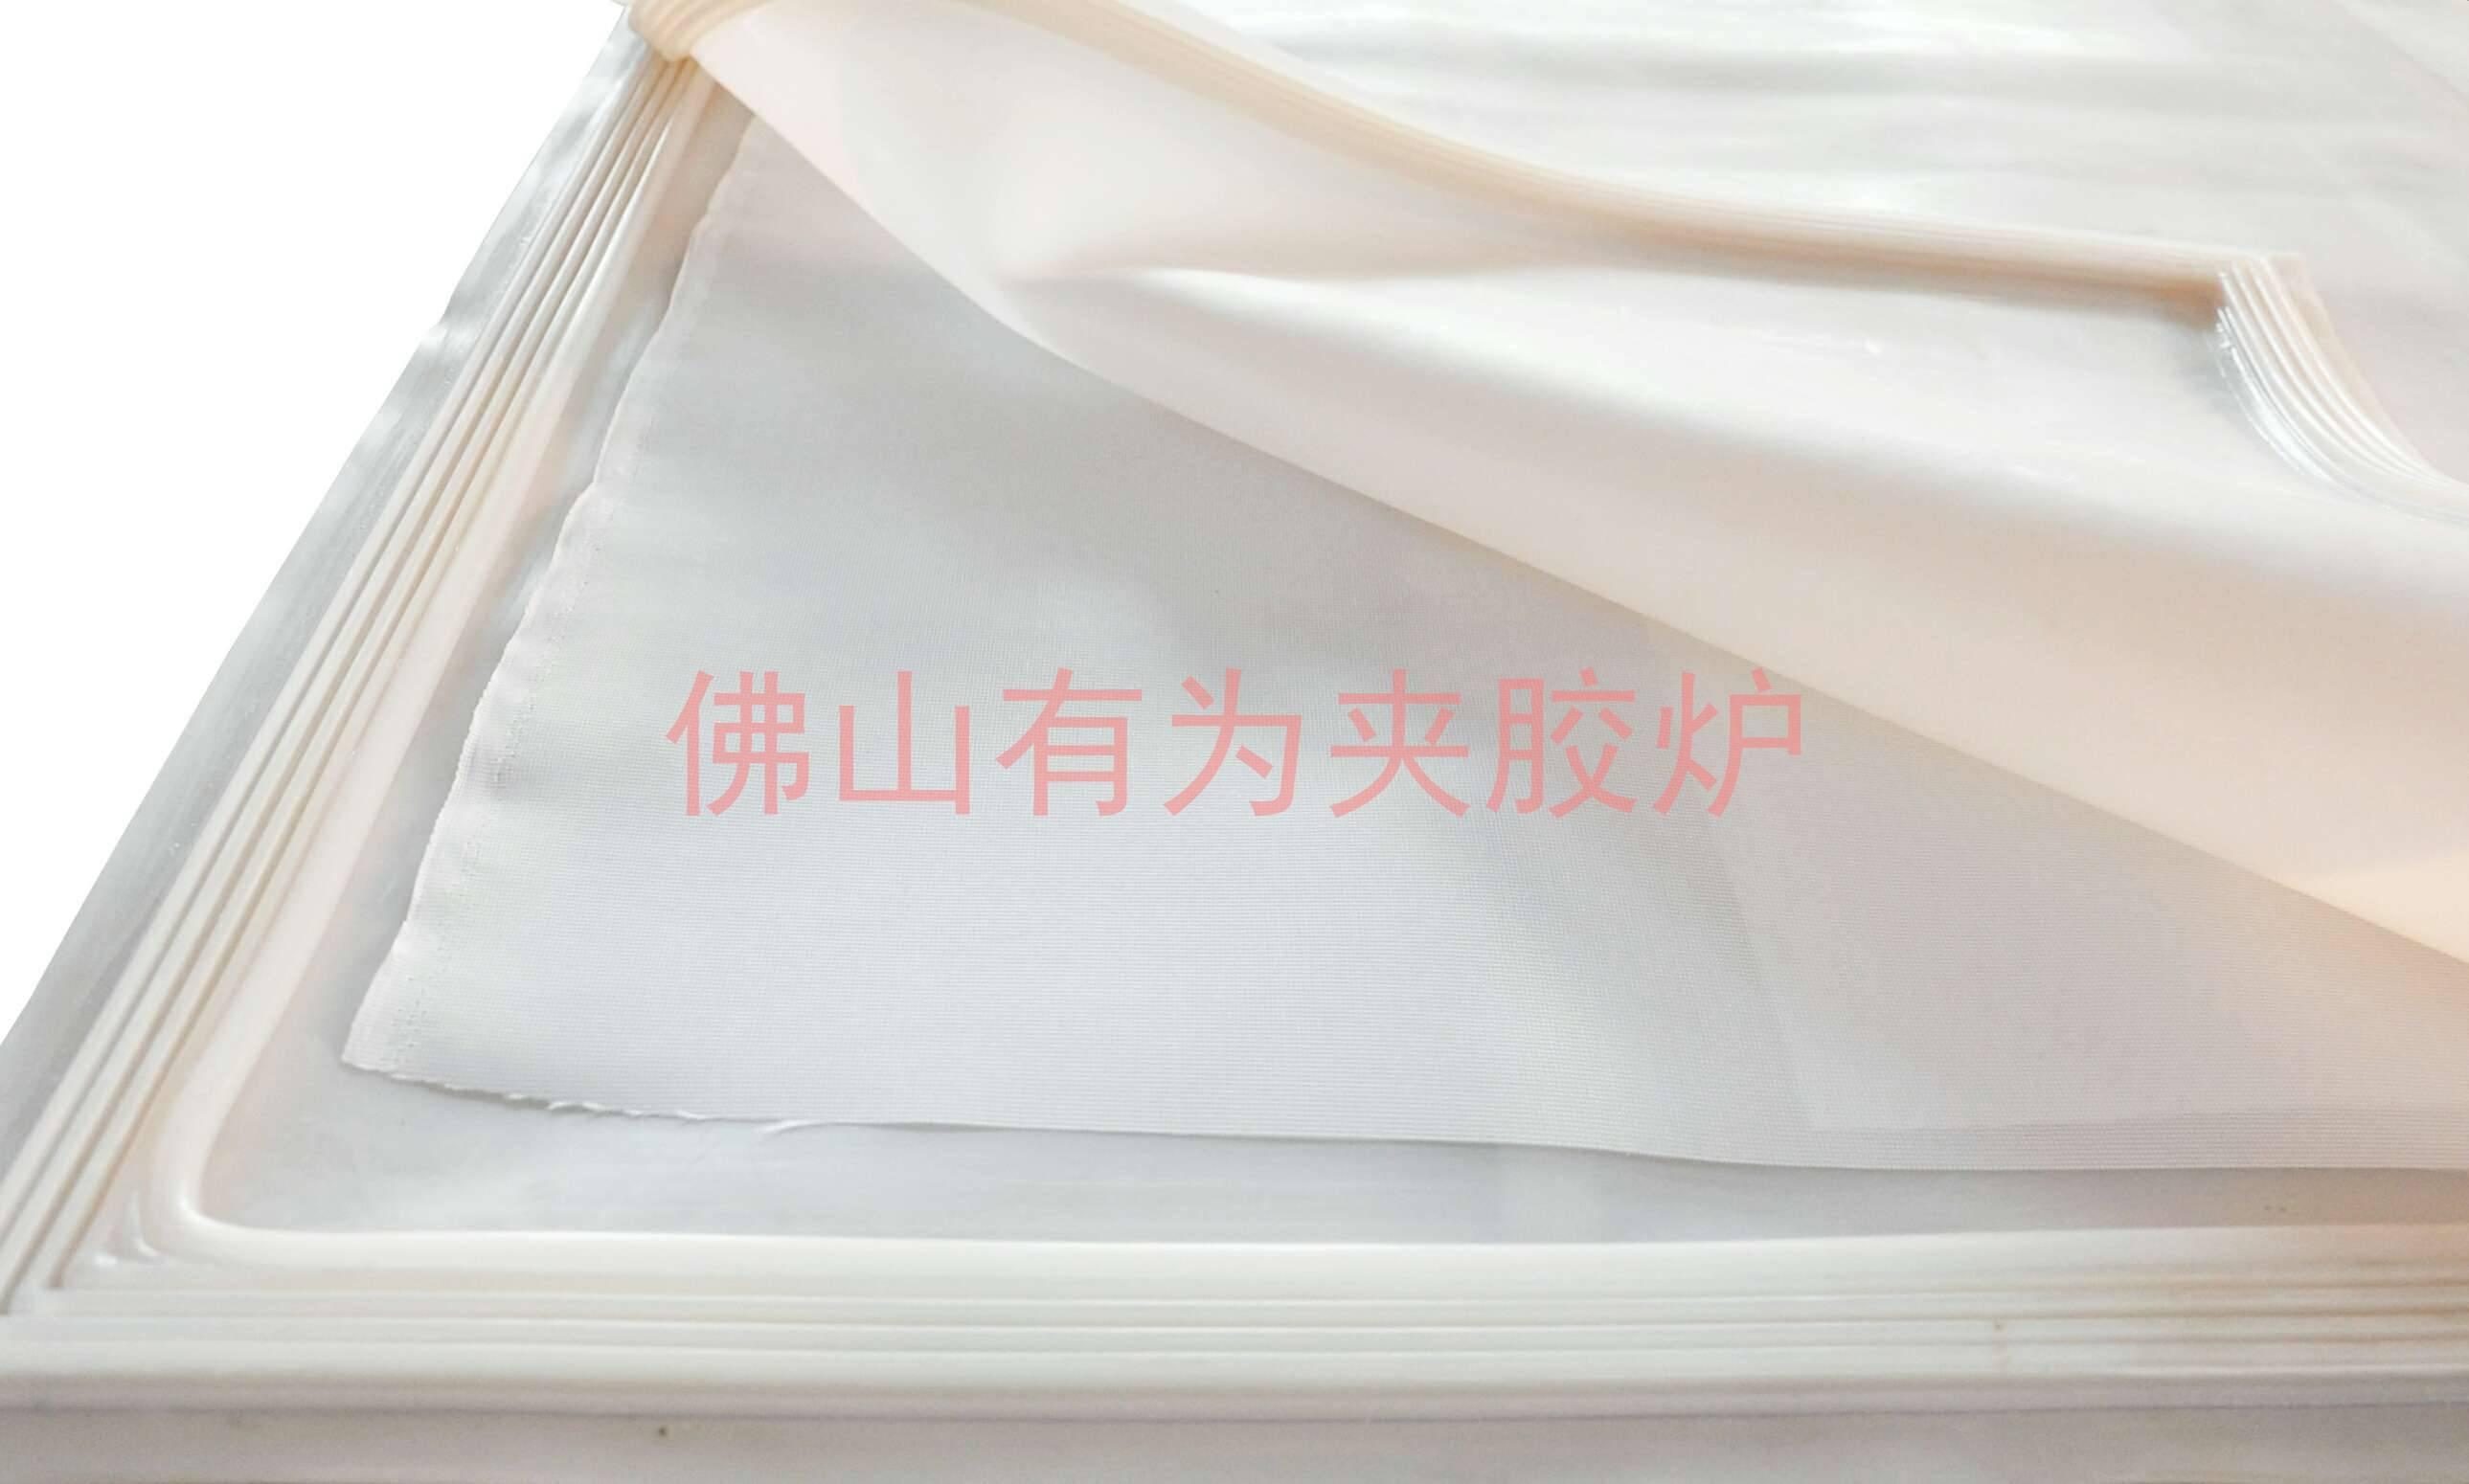 硅胶袋生产厂家